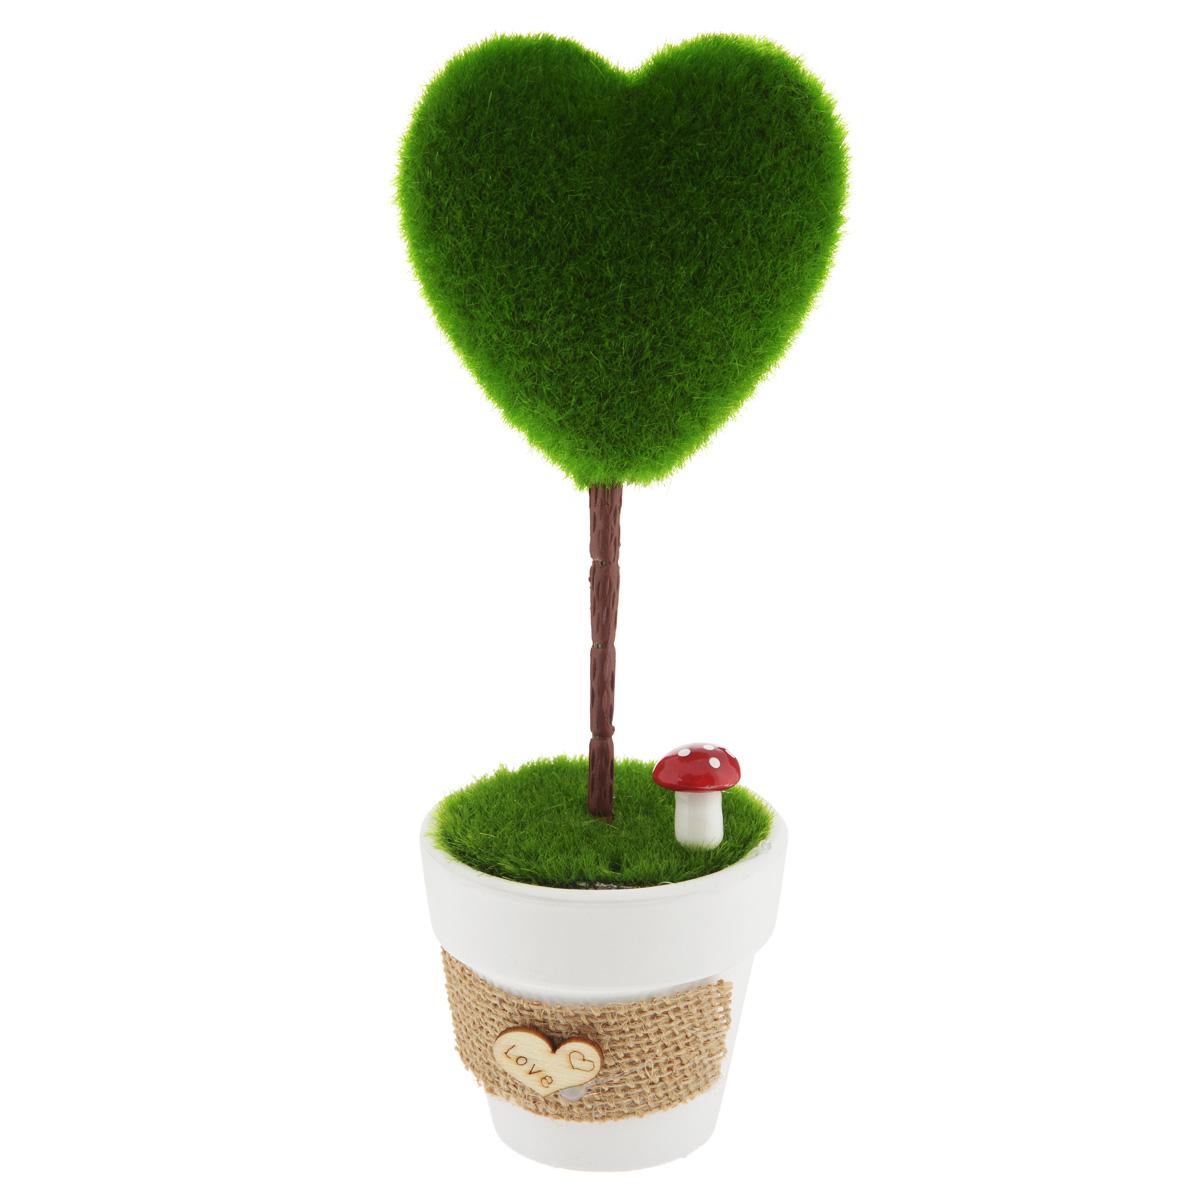 Декоративное украшение Феникс-презент Сердце, высота 21 см37557Декоративное украшение Феникс-презент Сердце, изготовленное из ПВХ и пенопласта дополнит интерьер любого помещения, а также может стать оригинальным подарком для ваших друзей и близких. Композиция выполнена в виде деревца с кроной в форме сердца. Деревце располагается в небольшом горшочке. Оформление помещения декоративным деревом создаст праздничную, по-настоящему радостную и теплую атмосферу в доме. Размер кроны дерева: 8 см х 8 см х 4 см.